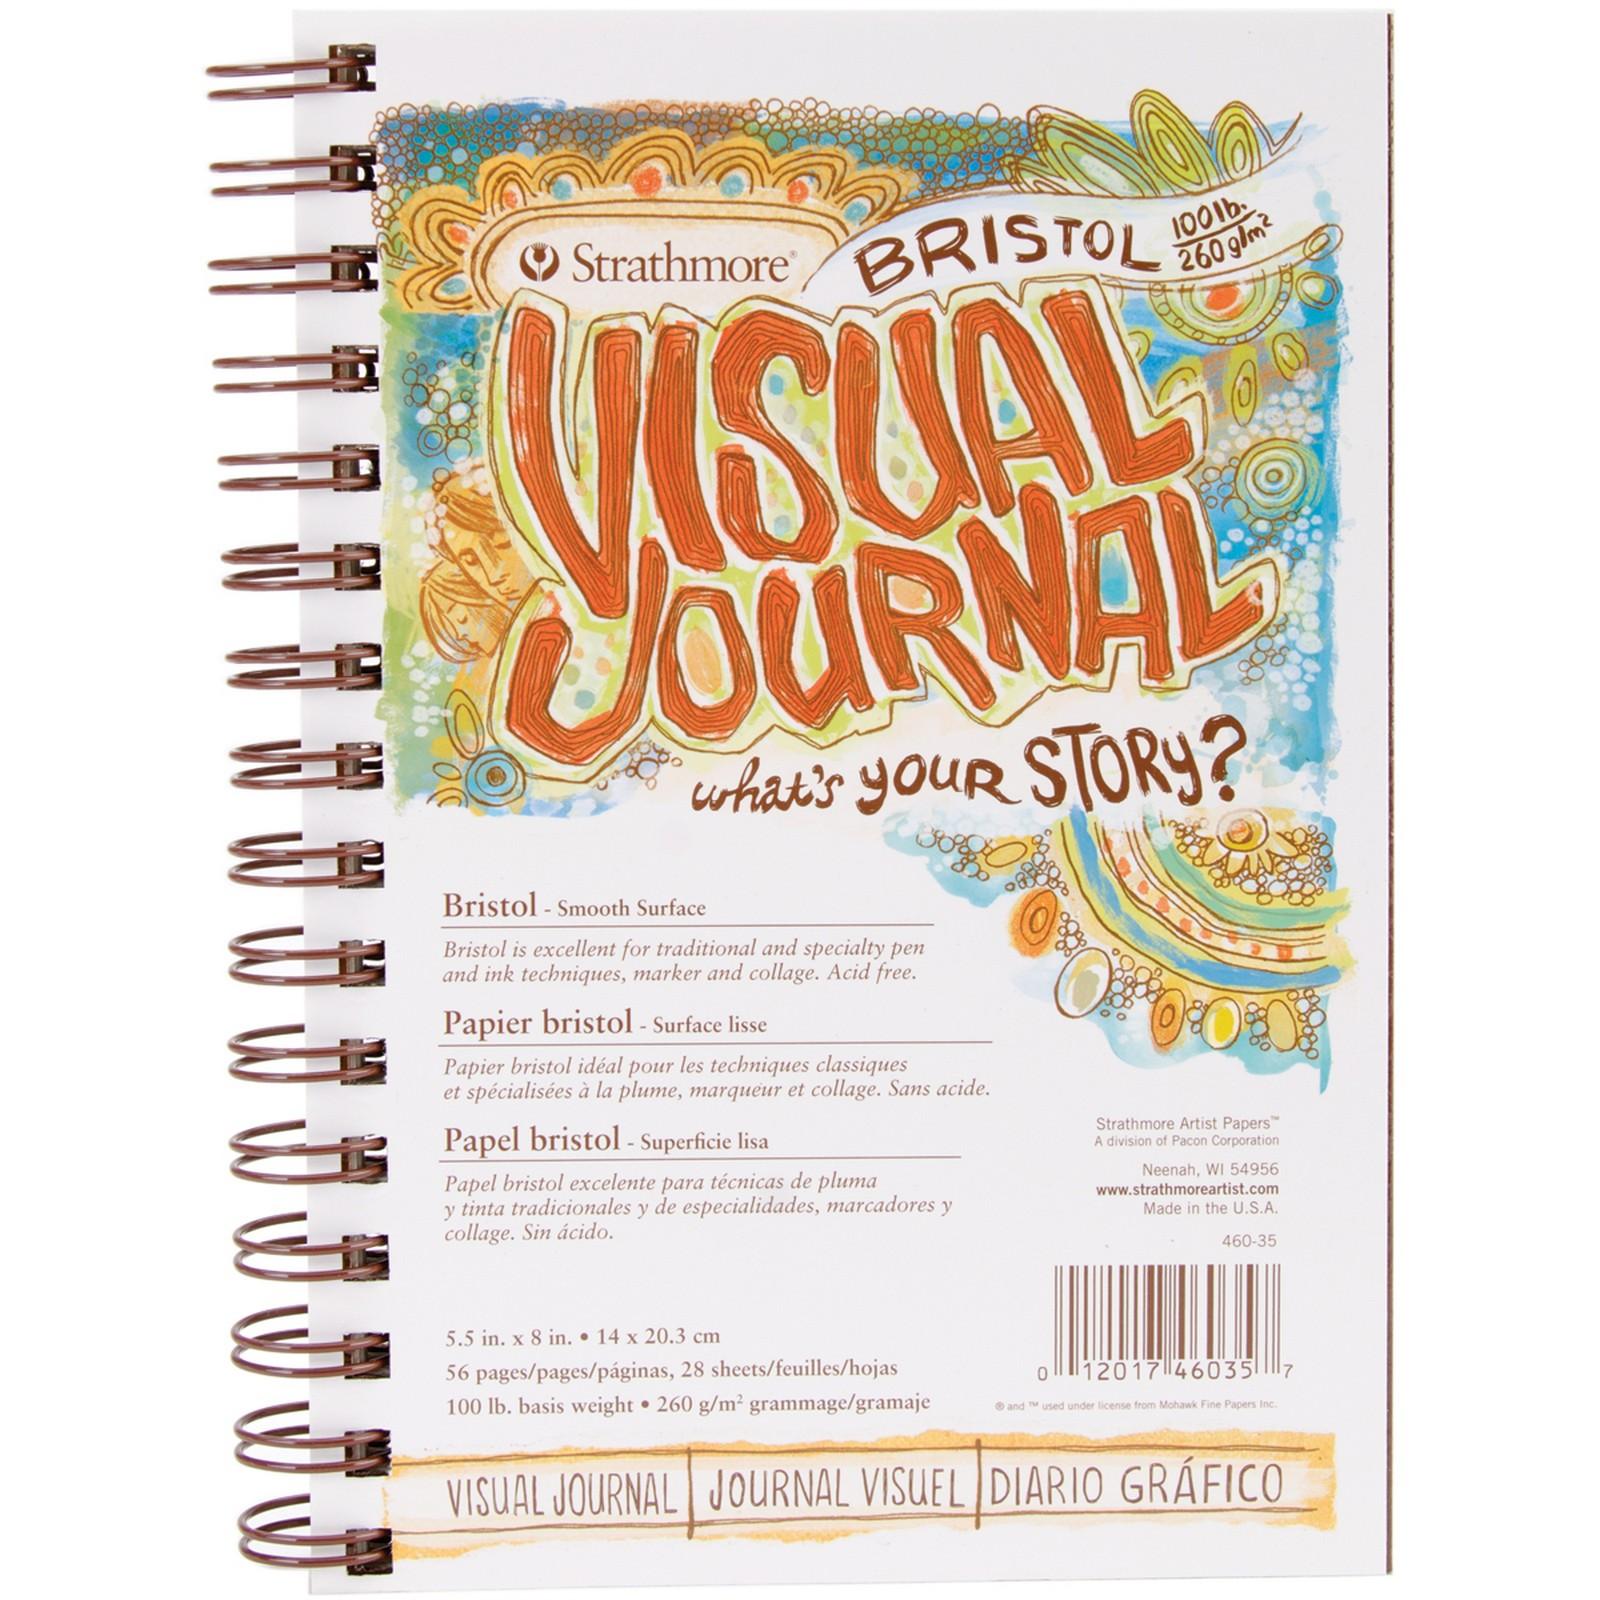 """Strathmore Visual Journal Bristol Smooth 5.5""""X8"""" 28 Sheets PartNumber: 021V009459713000P KsnValue: 9459713 MfgPartNumber: 130156"""